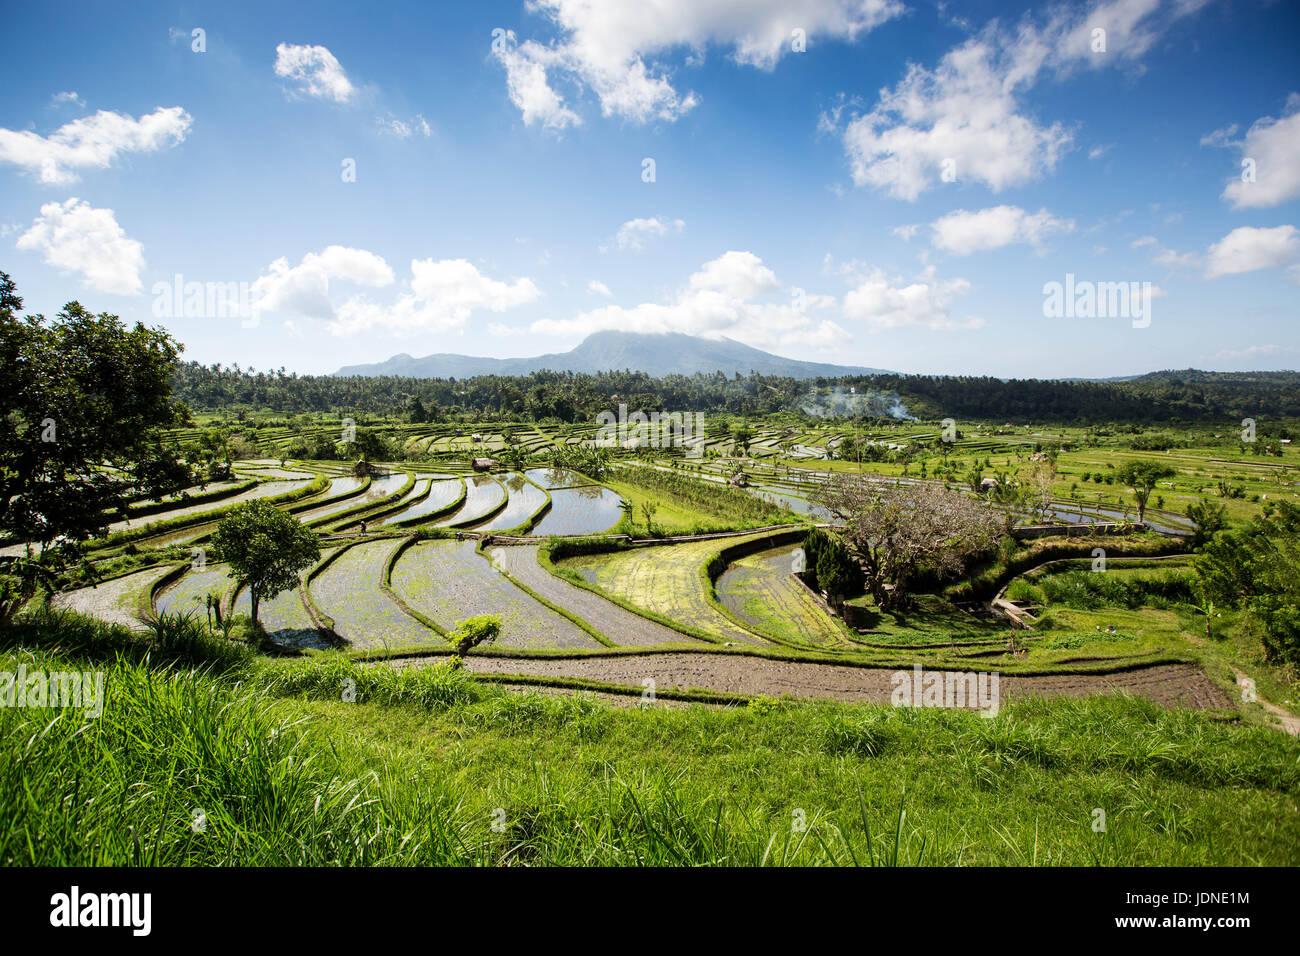 Reisfeld Terrassen im Norden von Bali in der Nähe von Ubud mit Mount Agung im Hintergrund Stockbild